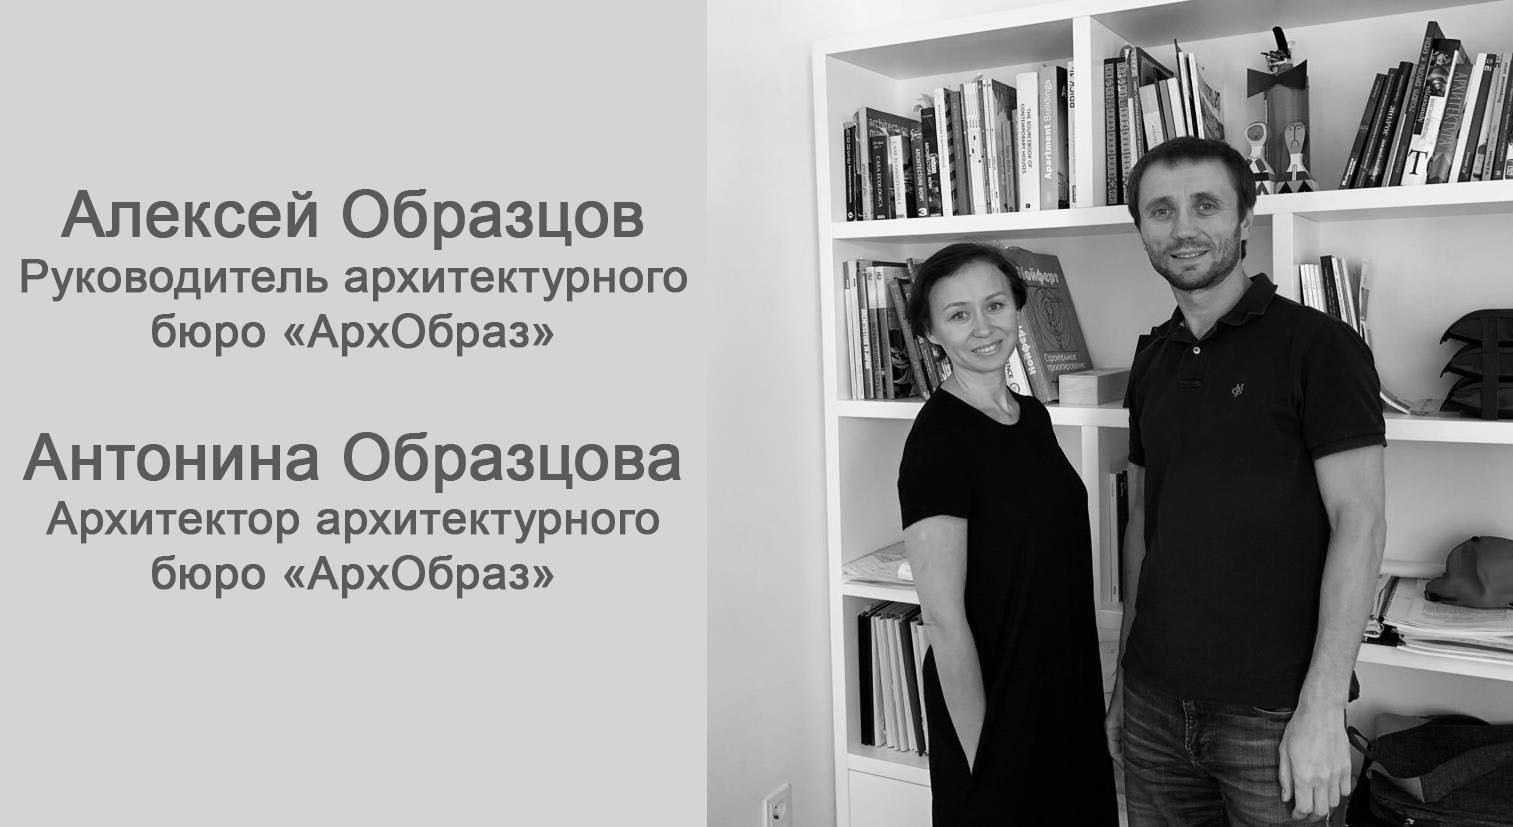 Интервью Алексея Образцова и Антонины Образцовой (архитектурное бюро «АрхОбраз») бренду DAVIS CASA. Часть 1